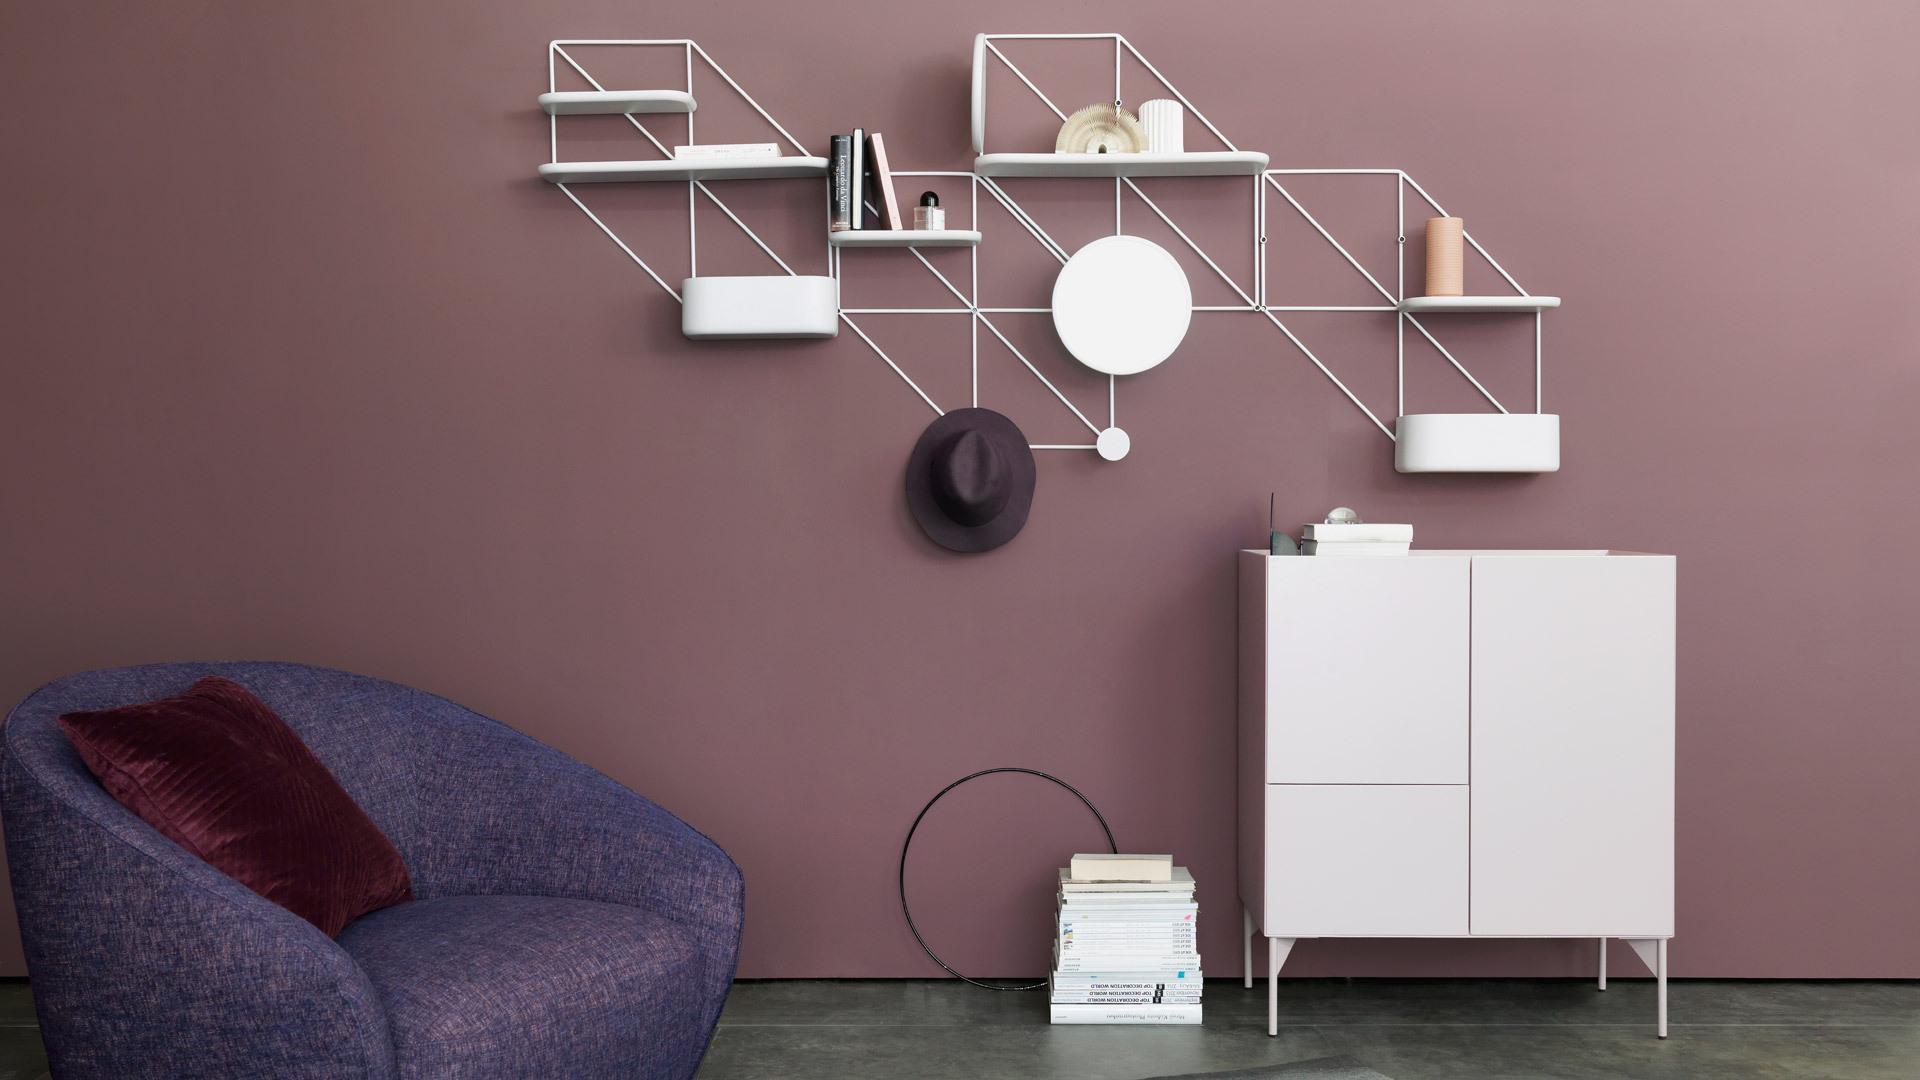 调和客厅色调,暖色墙面清爽置物